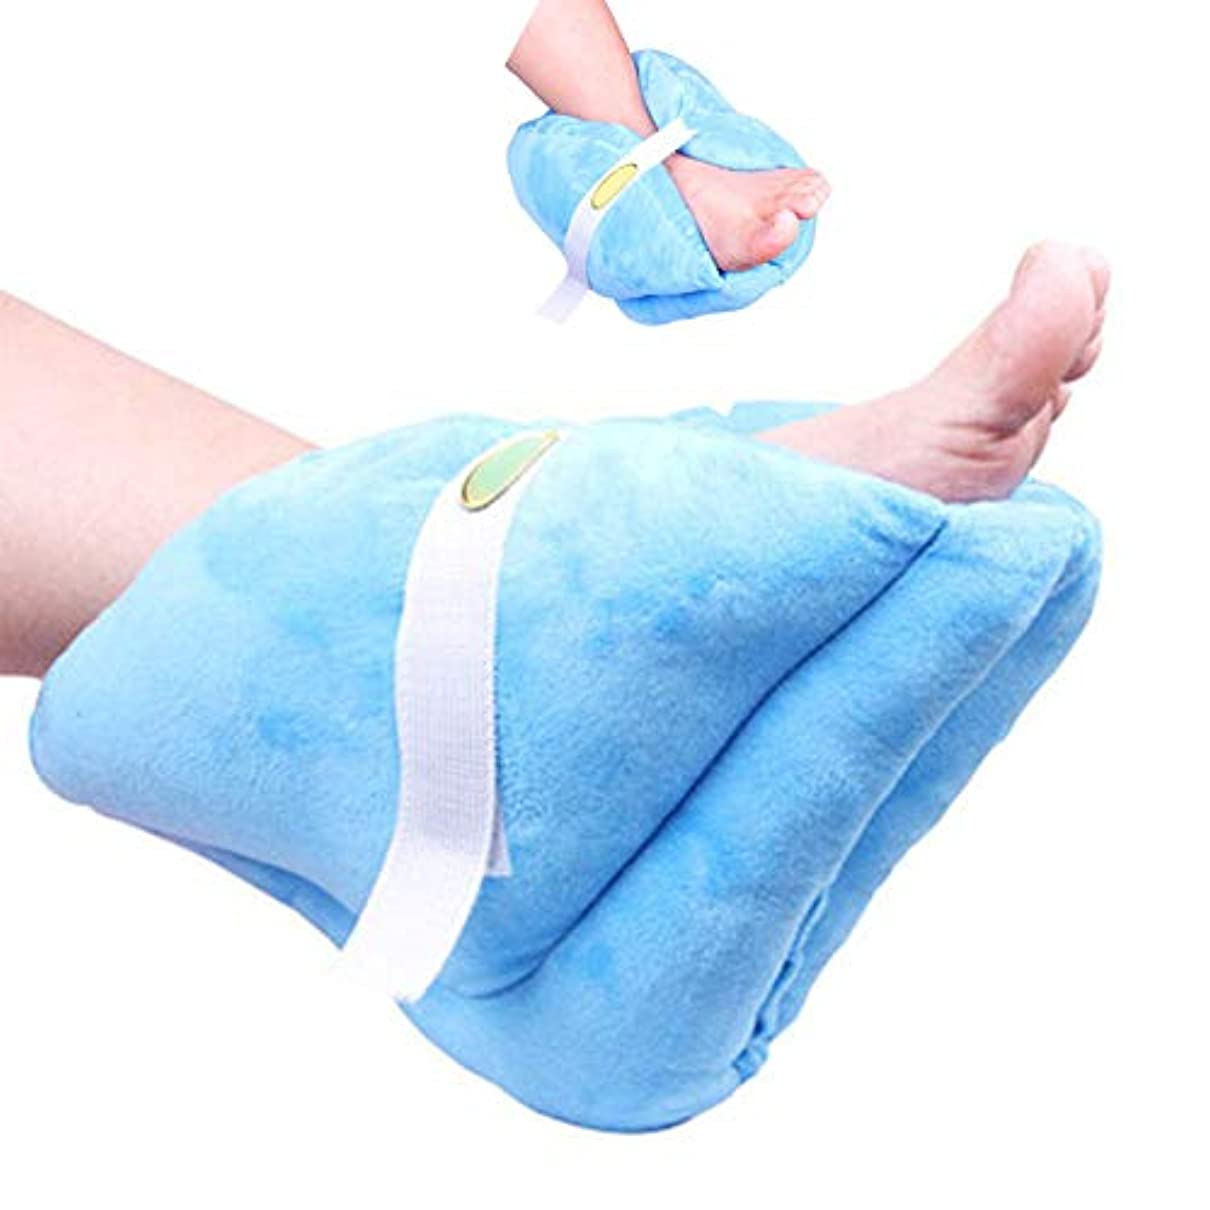 抵抗連隊火山ヒールクッションプロテクター、足と足首の枕 、足の圧力を緩和し、褥瘡を保護します